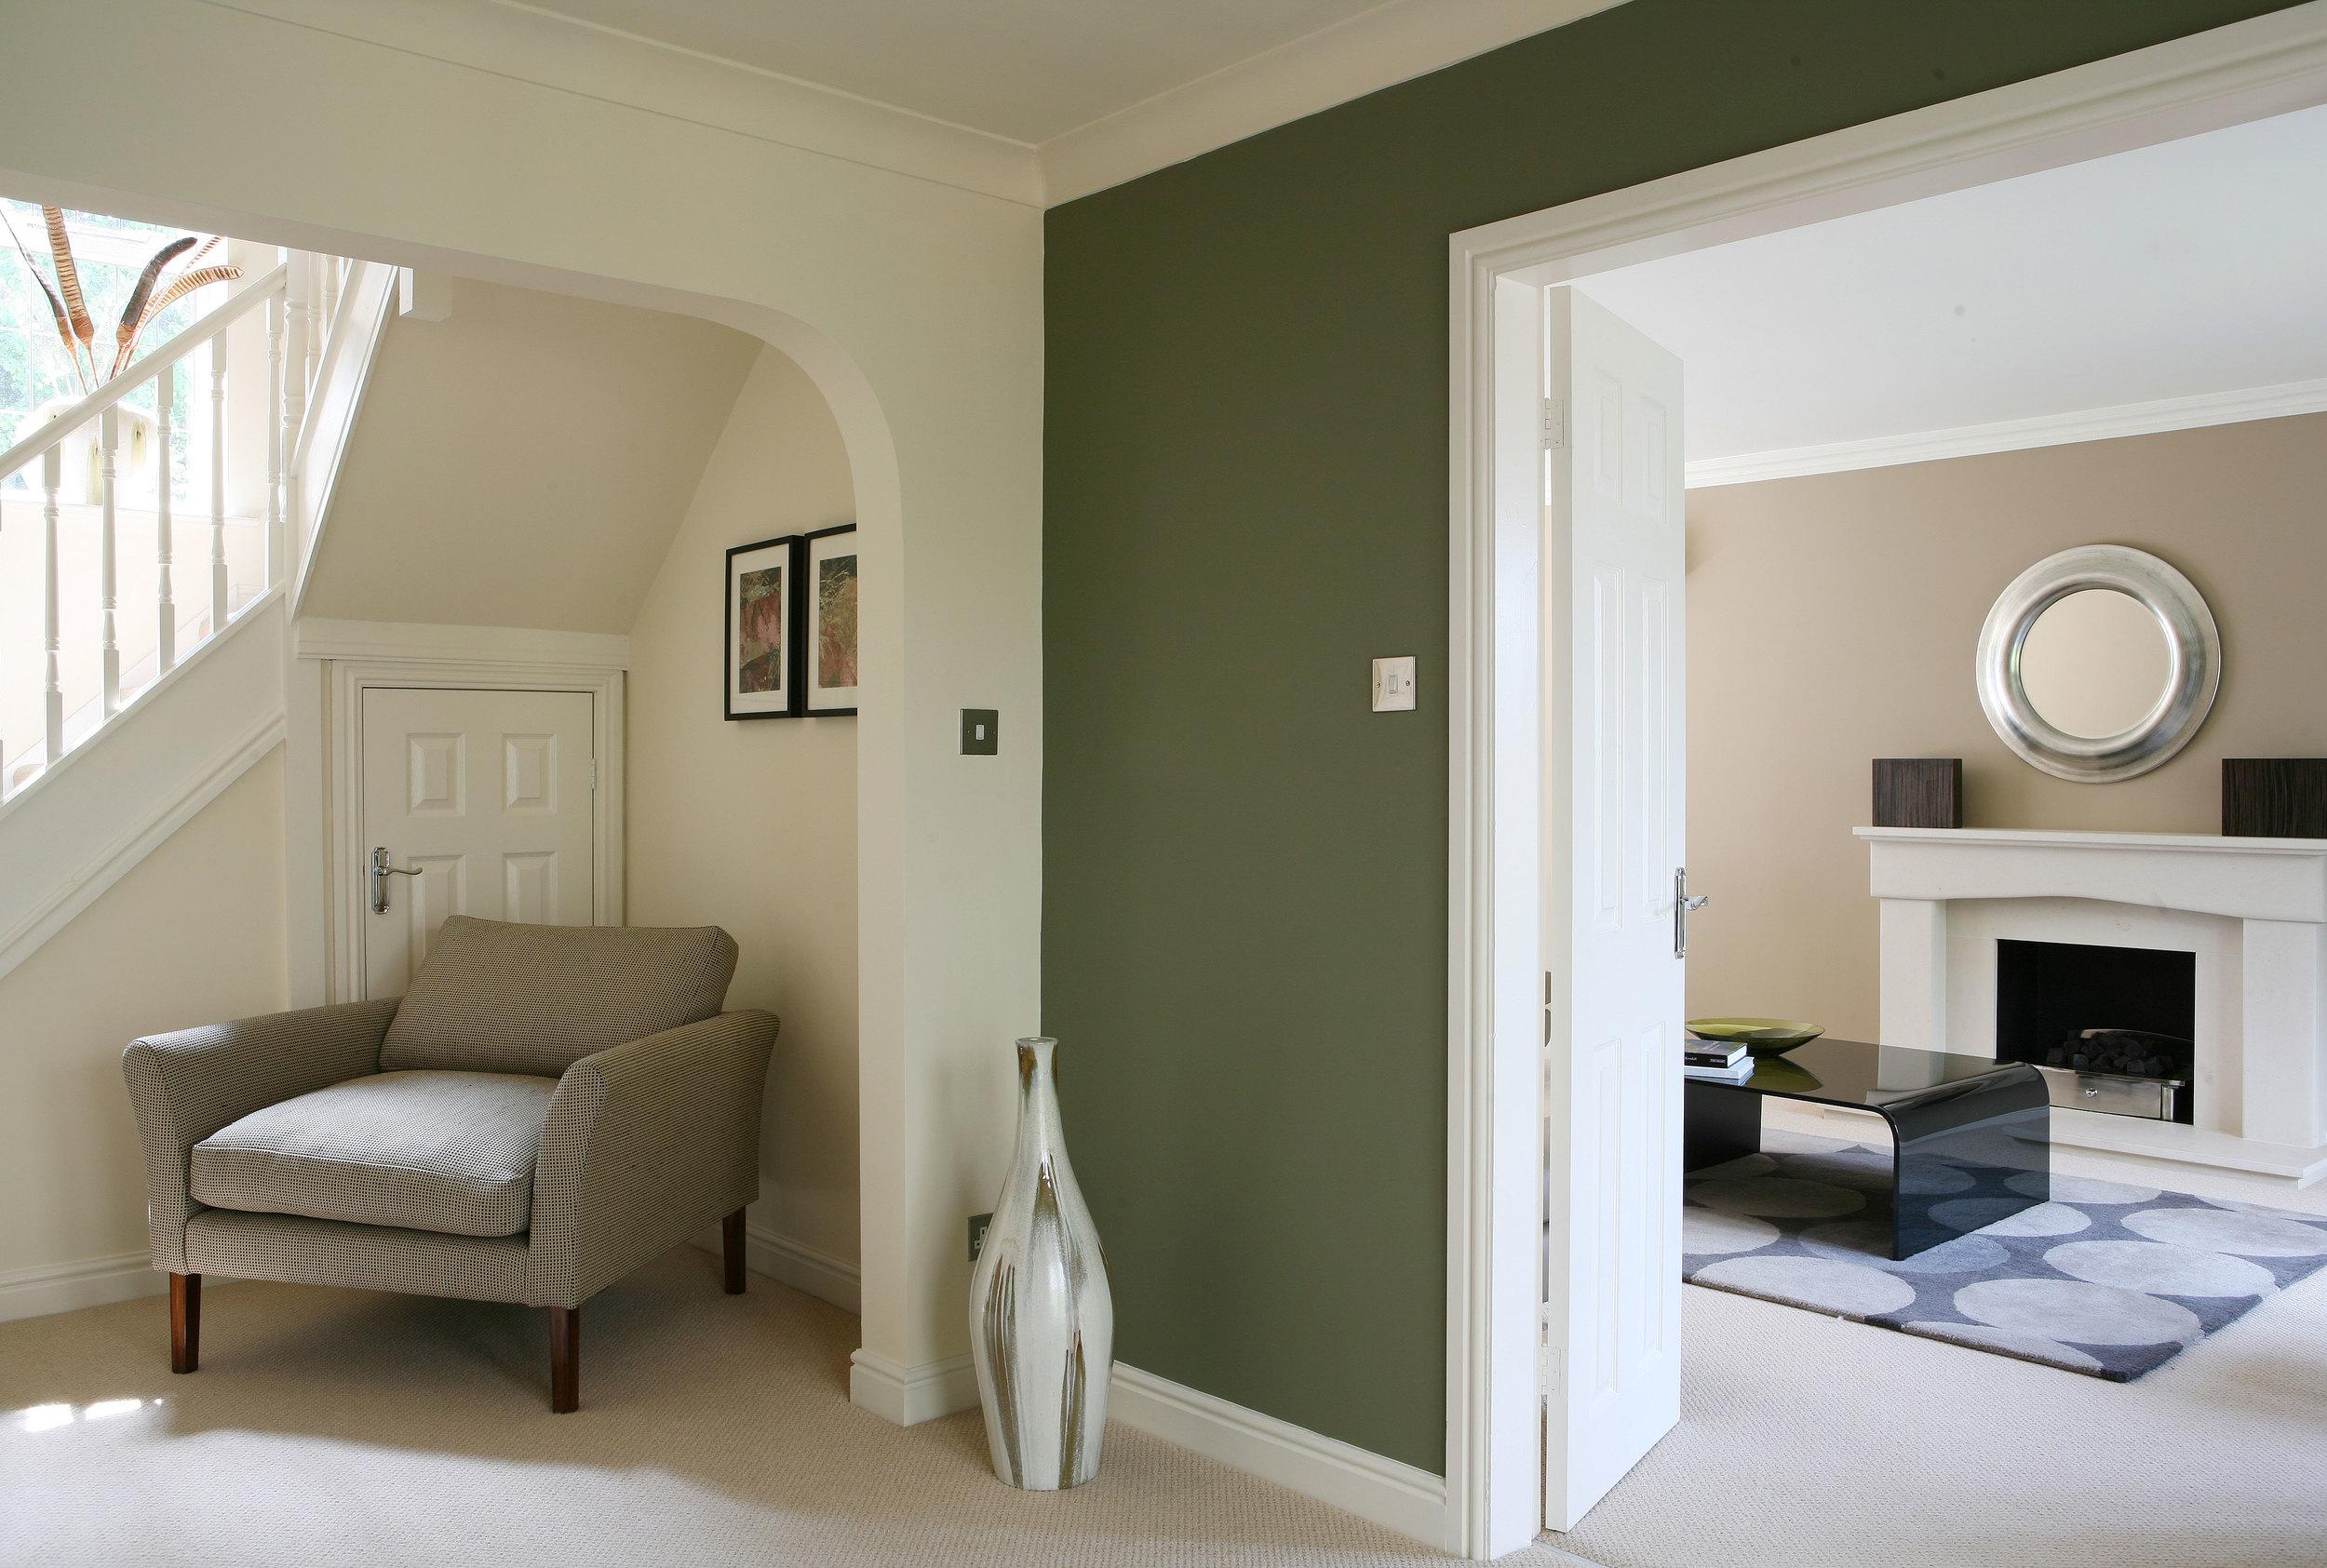 renovation-northwich-7.jpg